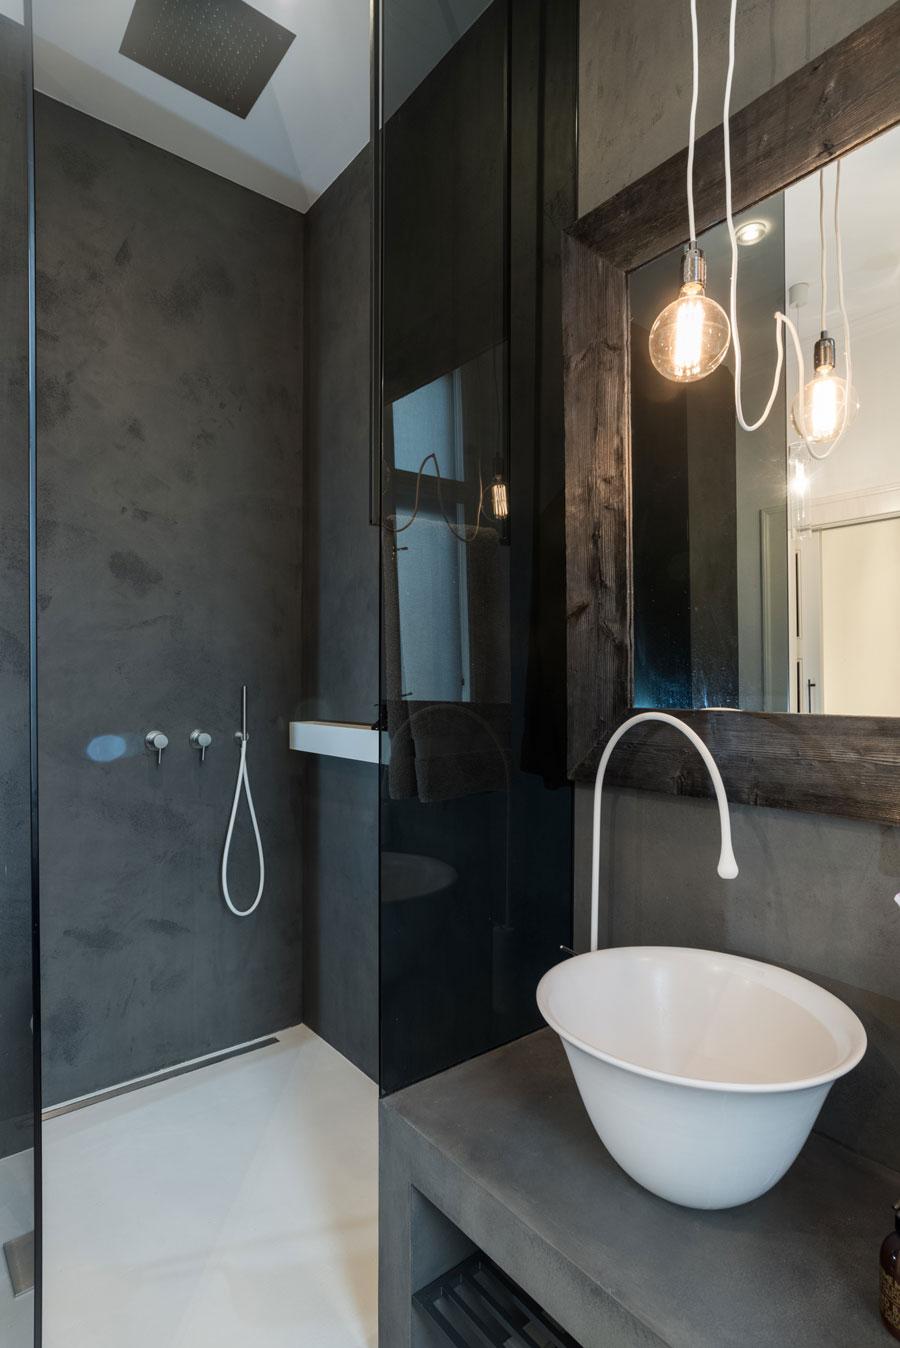 inloopdouche luxe badkamer